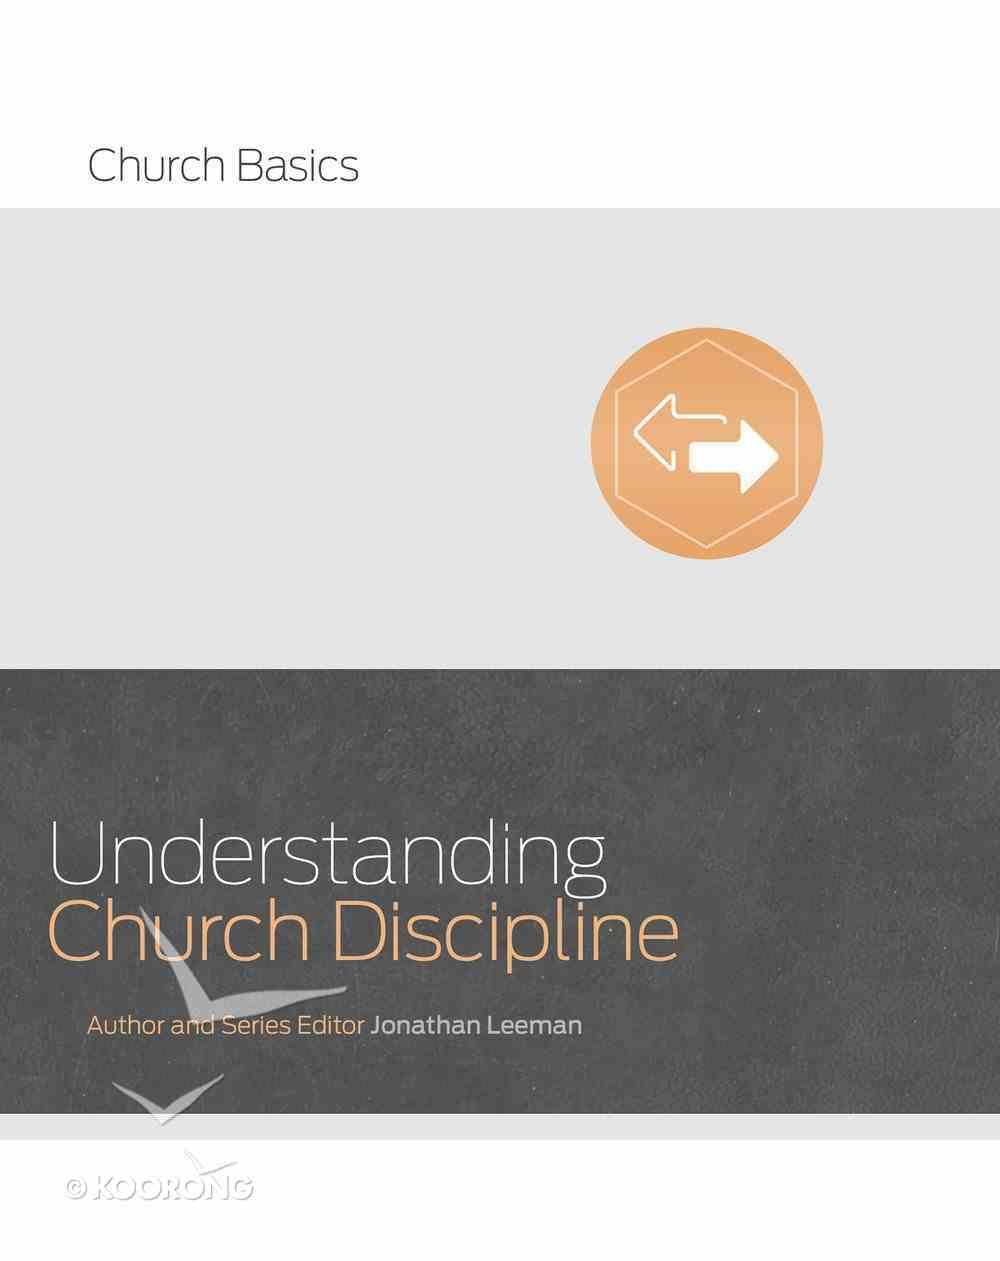 Understanding Church Discipline (Church Basics Series) eBook